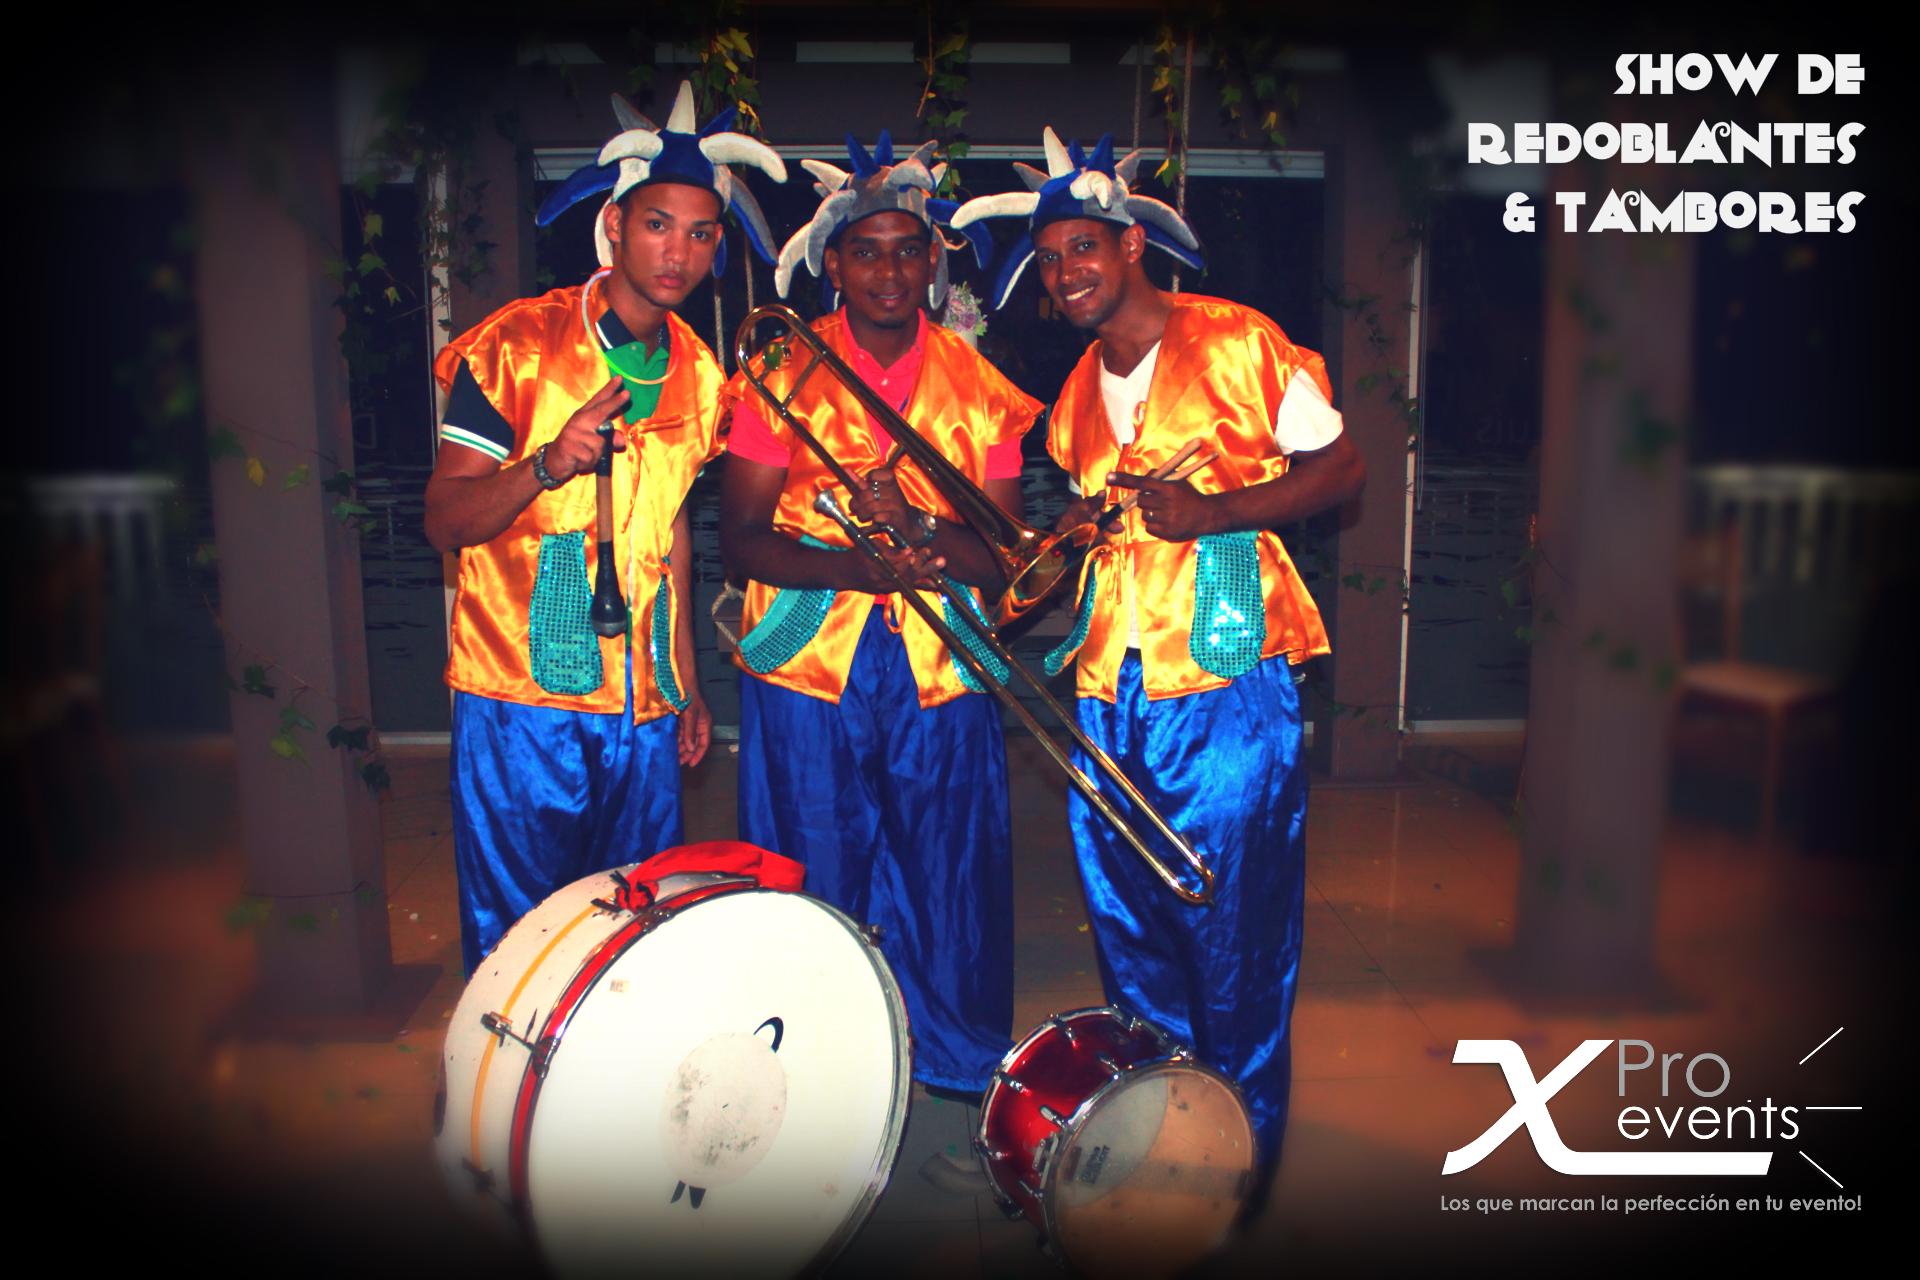 Www.Xproevents.com - Show de redoblantes y tambores.JPG